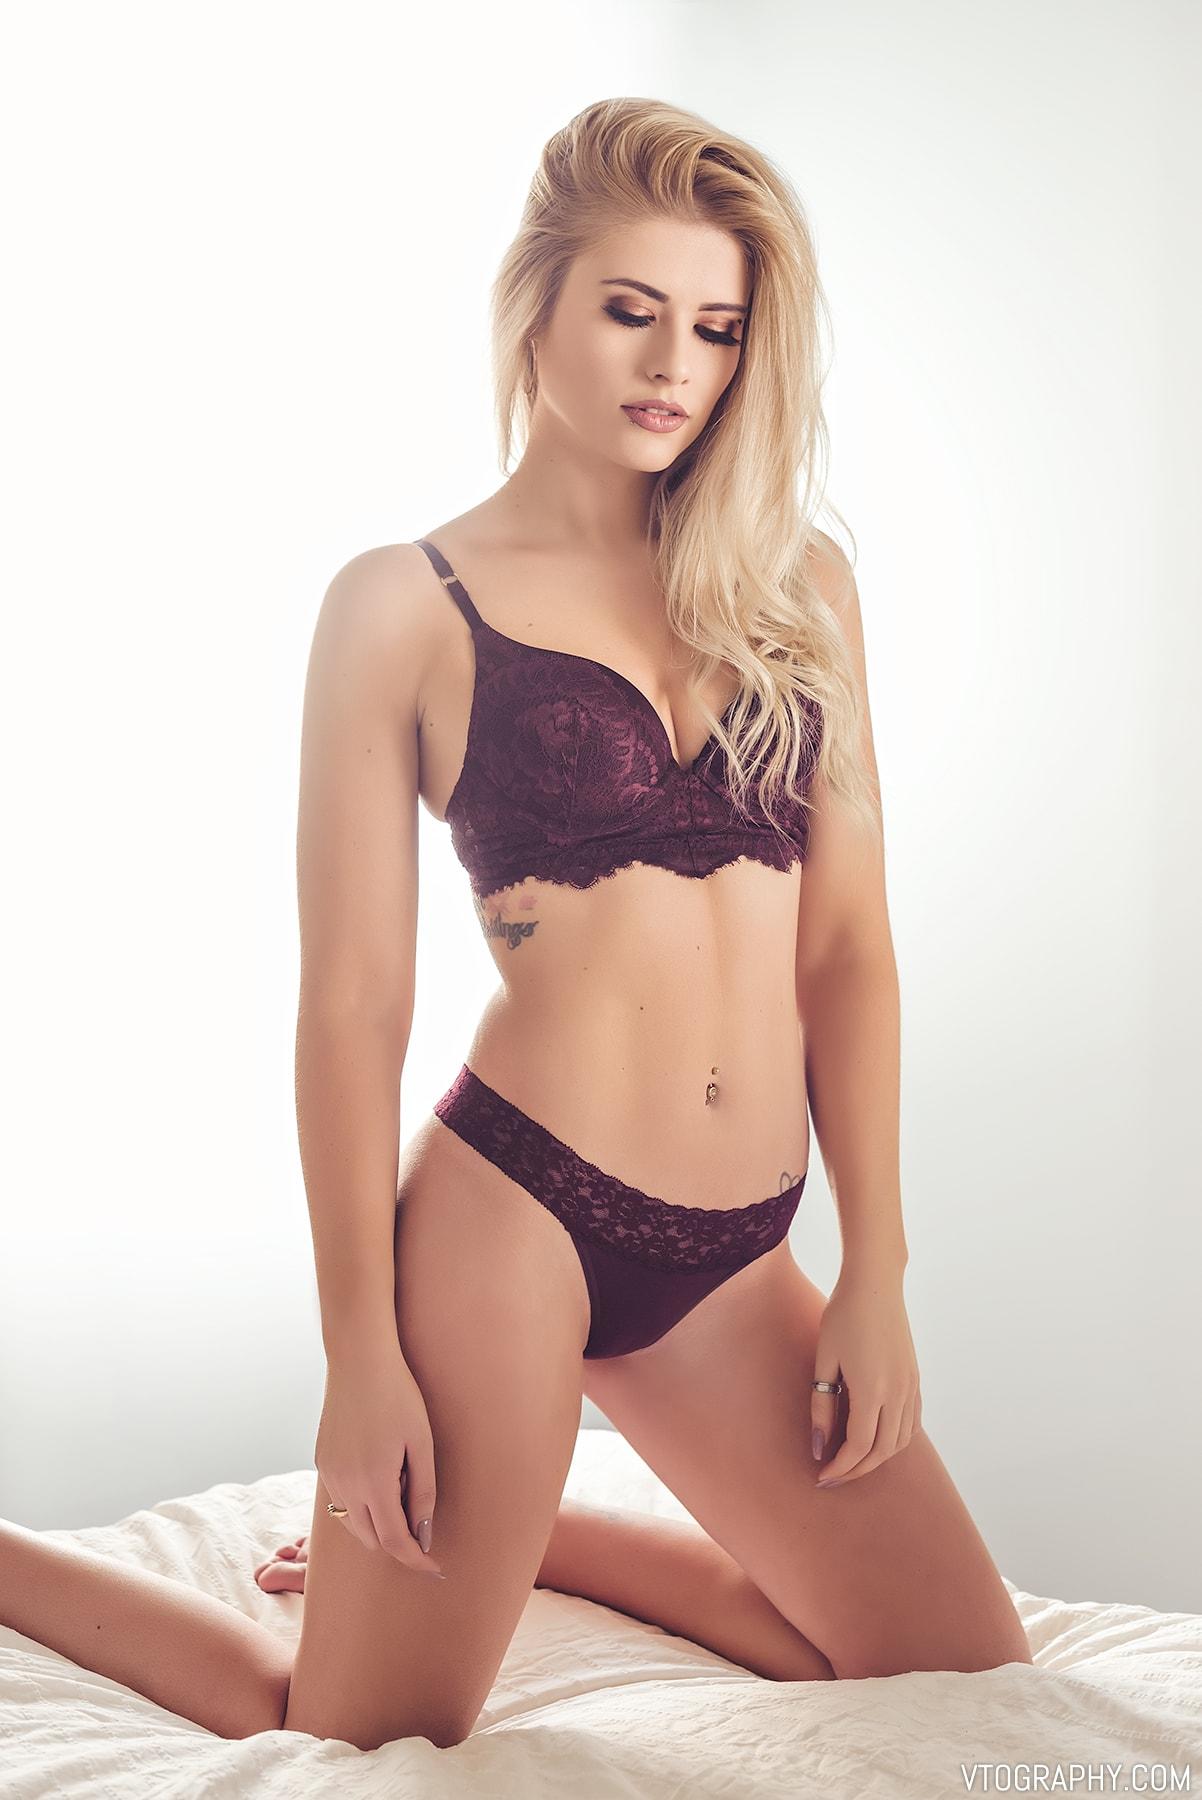 Sami in lingerie from La Senza